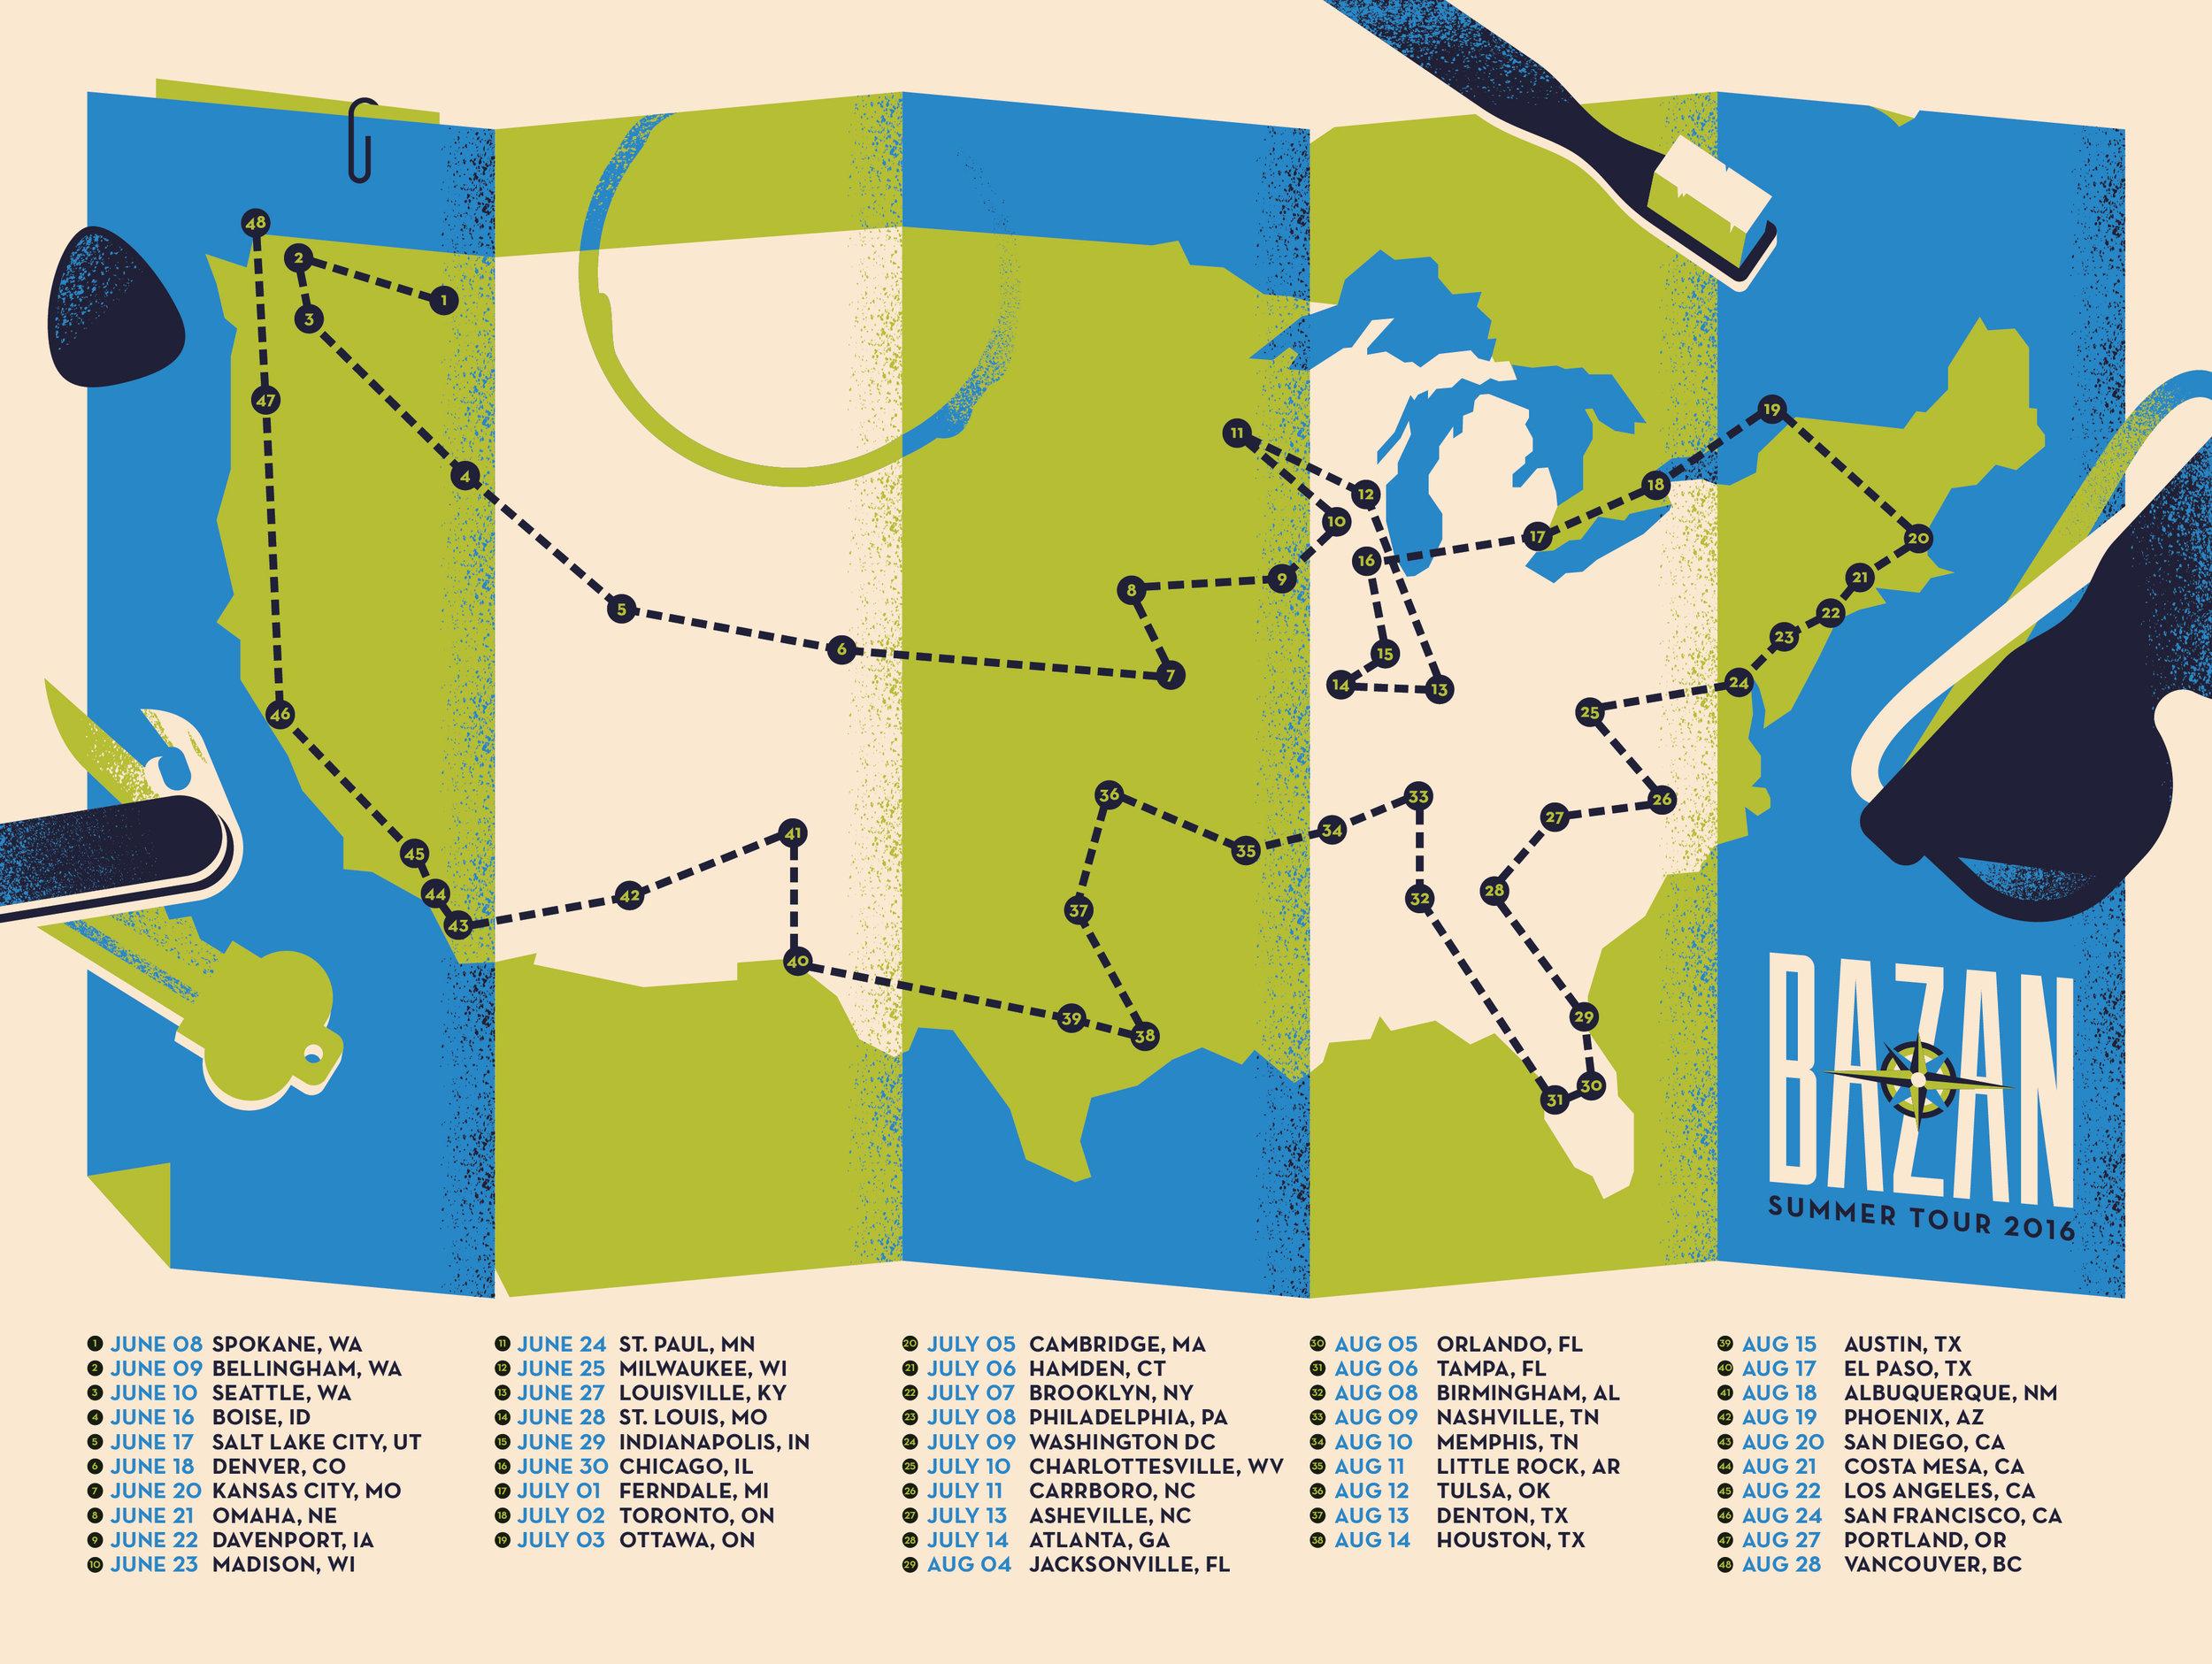 BAZAN_SUMMER_TOUR_2016_POSTER-01.jpg